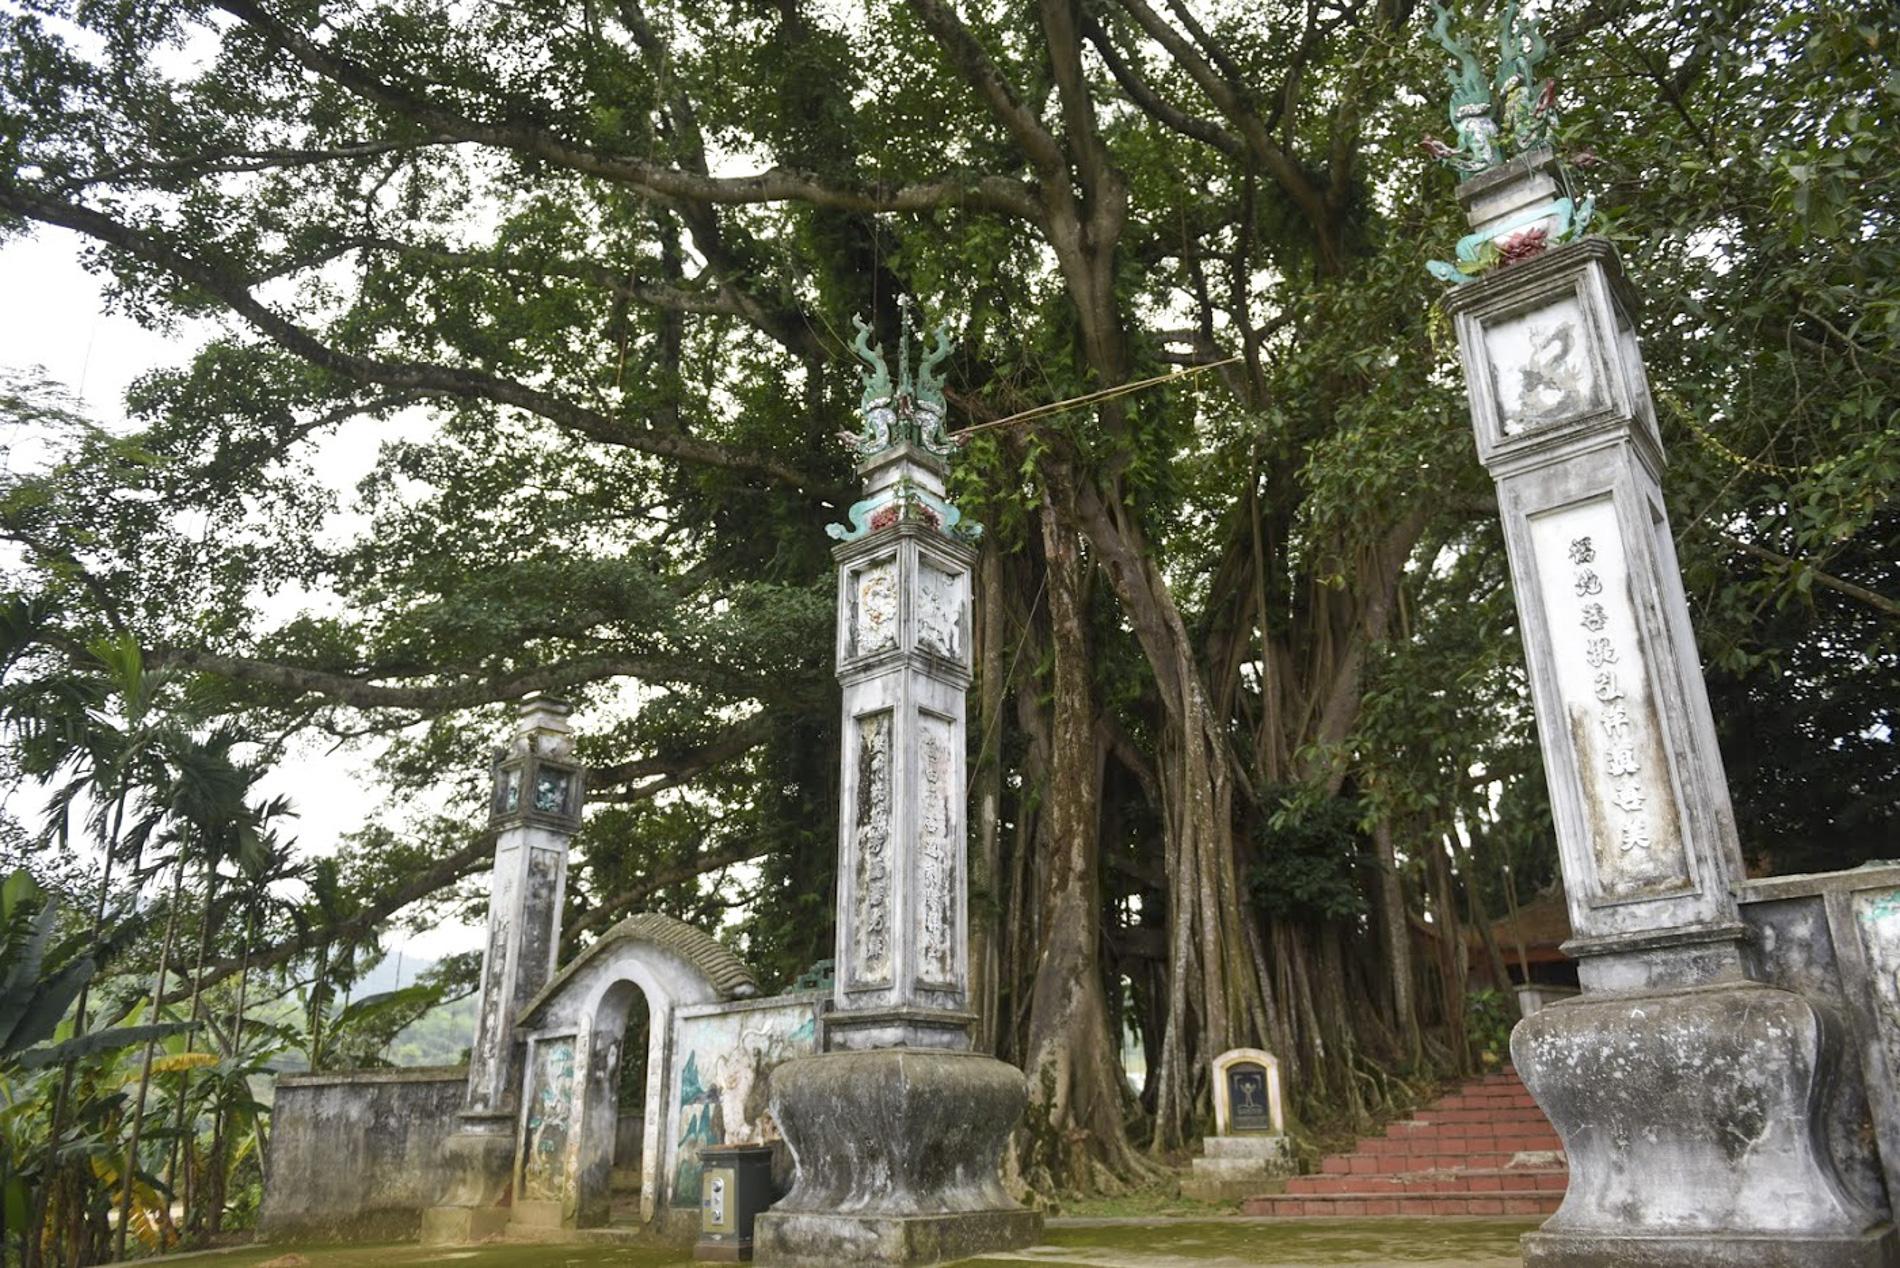 """Chiêm ngưỡng """"báu vật"""" xanh bên đền cổ thờ Tản Viên Sơn Thánh - Ảnh 1."""